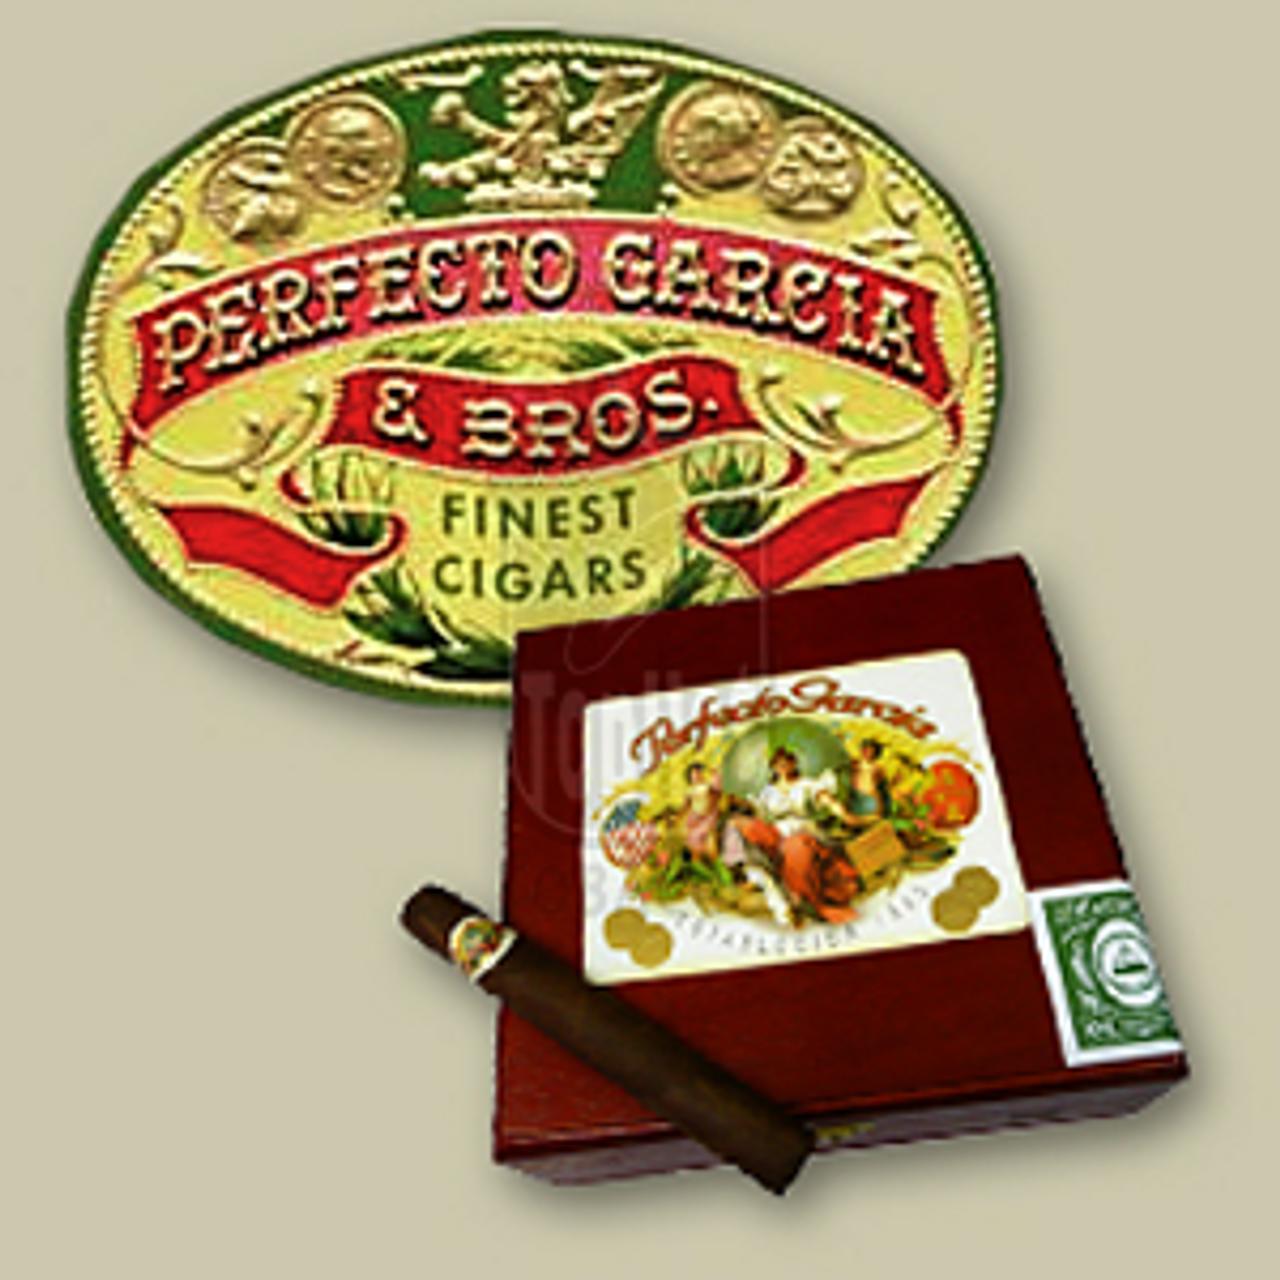 Perfecto Garcia Brilliante Maduro Cigars - 5 1/2 x 50 (Box of 10)